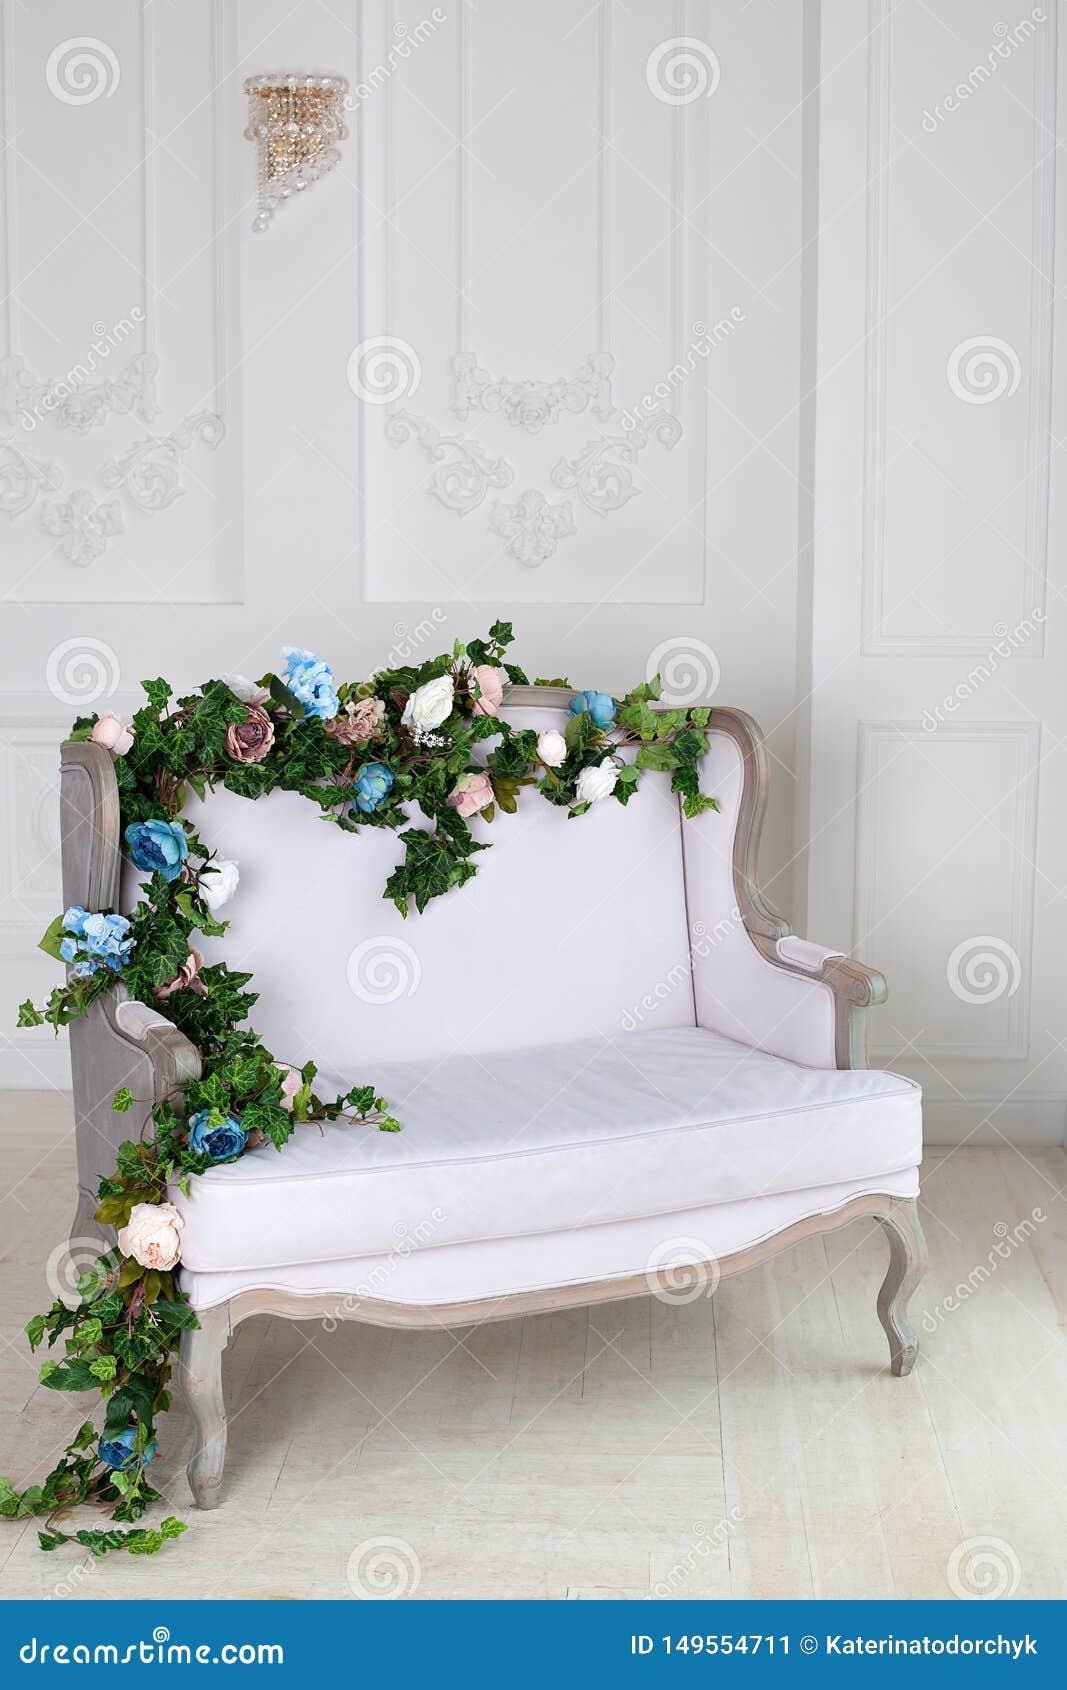 Helles Textilklassisches Sofa in einem Weinleseraum ein heller klassischer k?niglicher Innenraum mit einem weichen Sofa mit einer